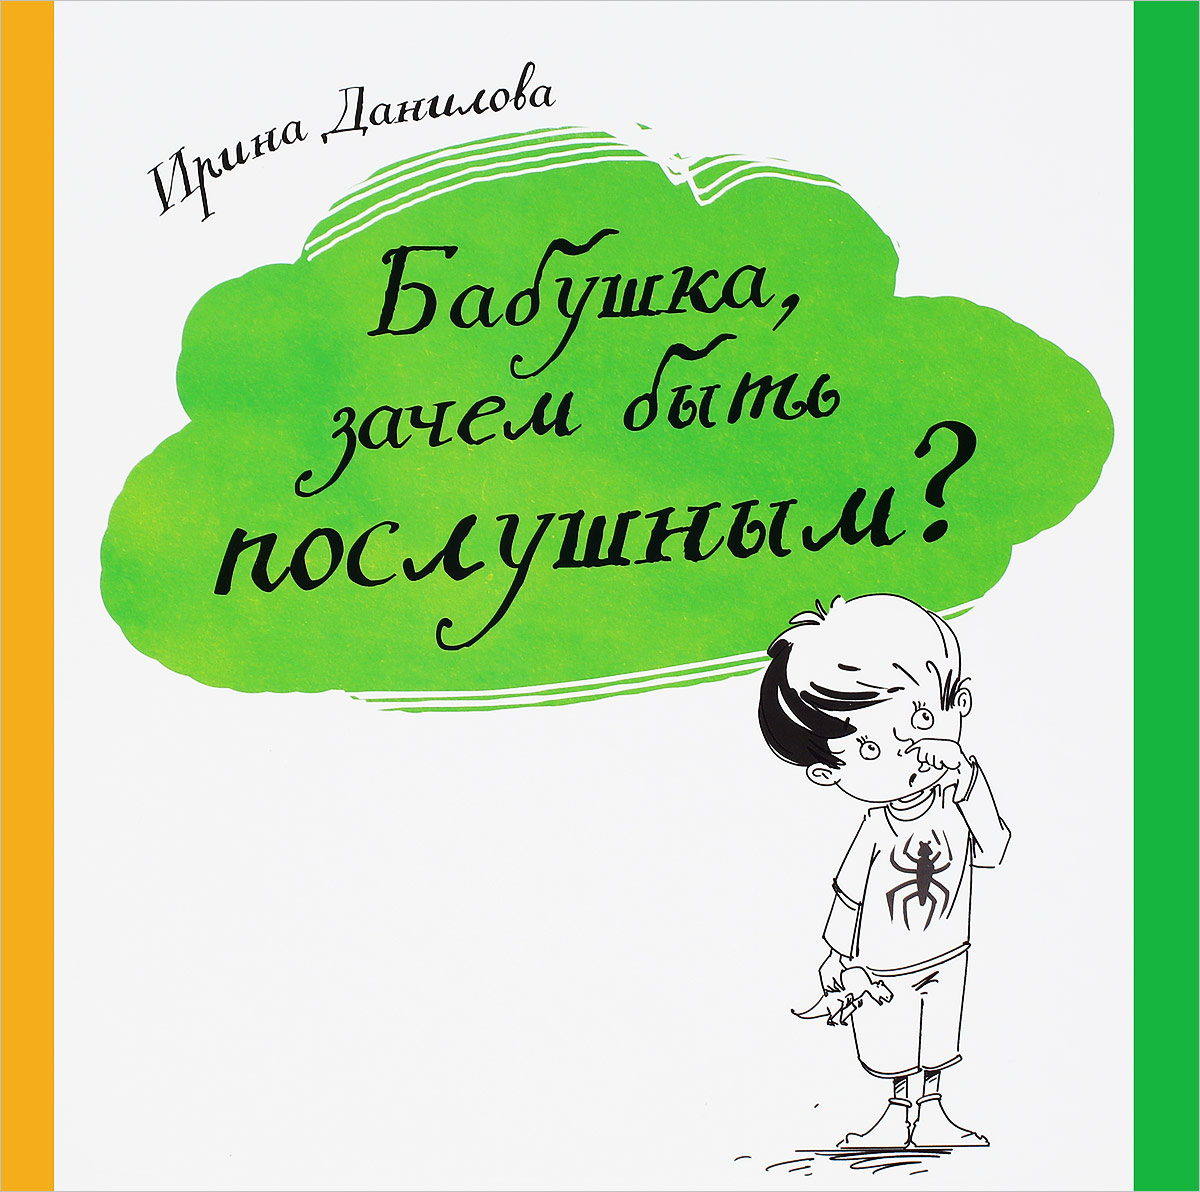 Ирина Данилова Бабушка, зачем быть послушным? ольга крас хорошо послушным быть